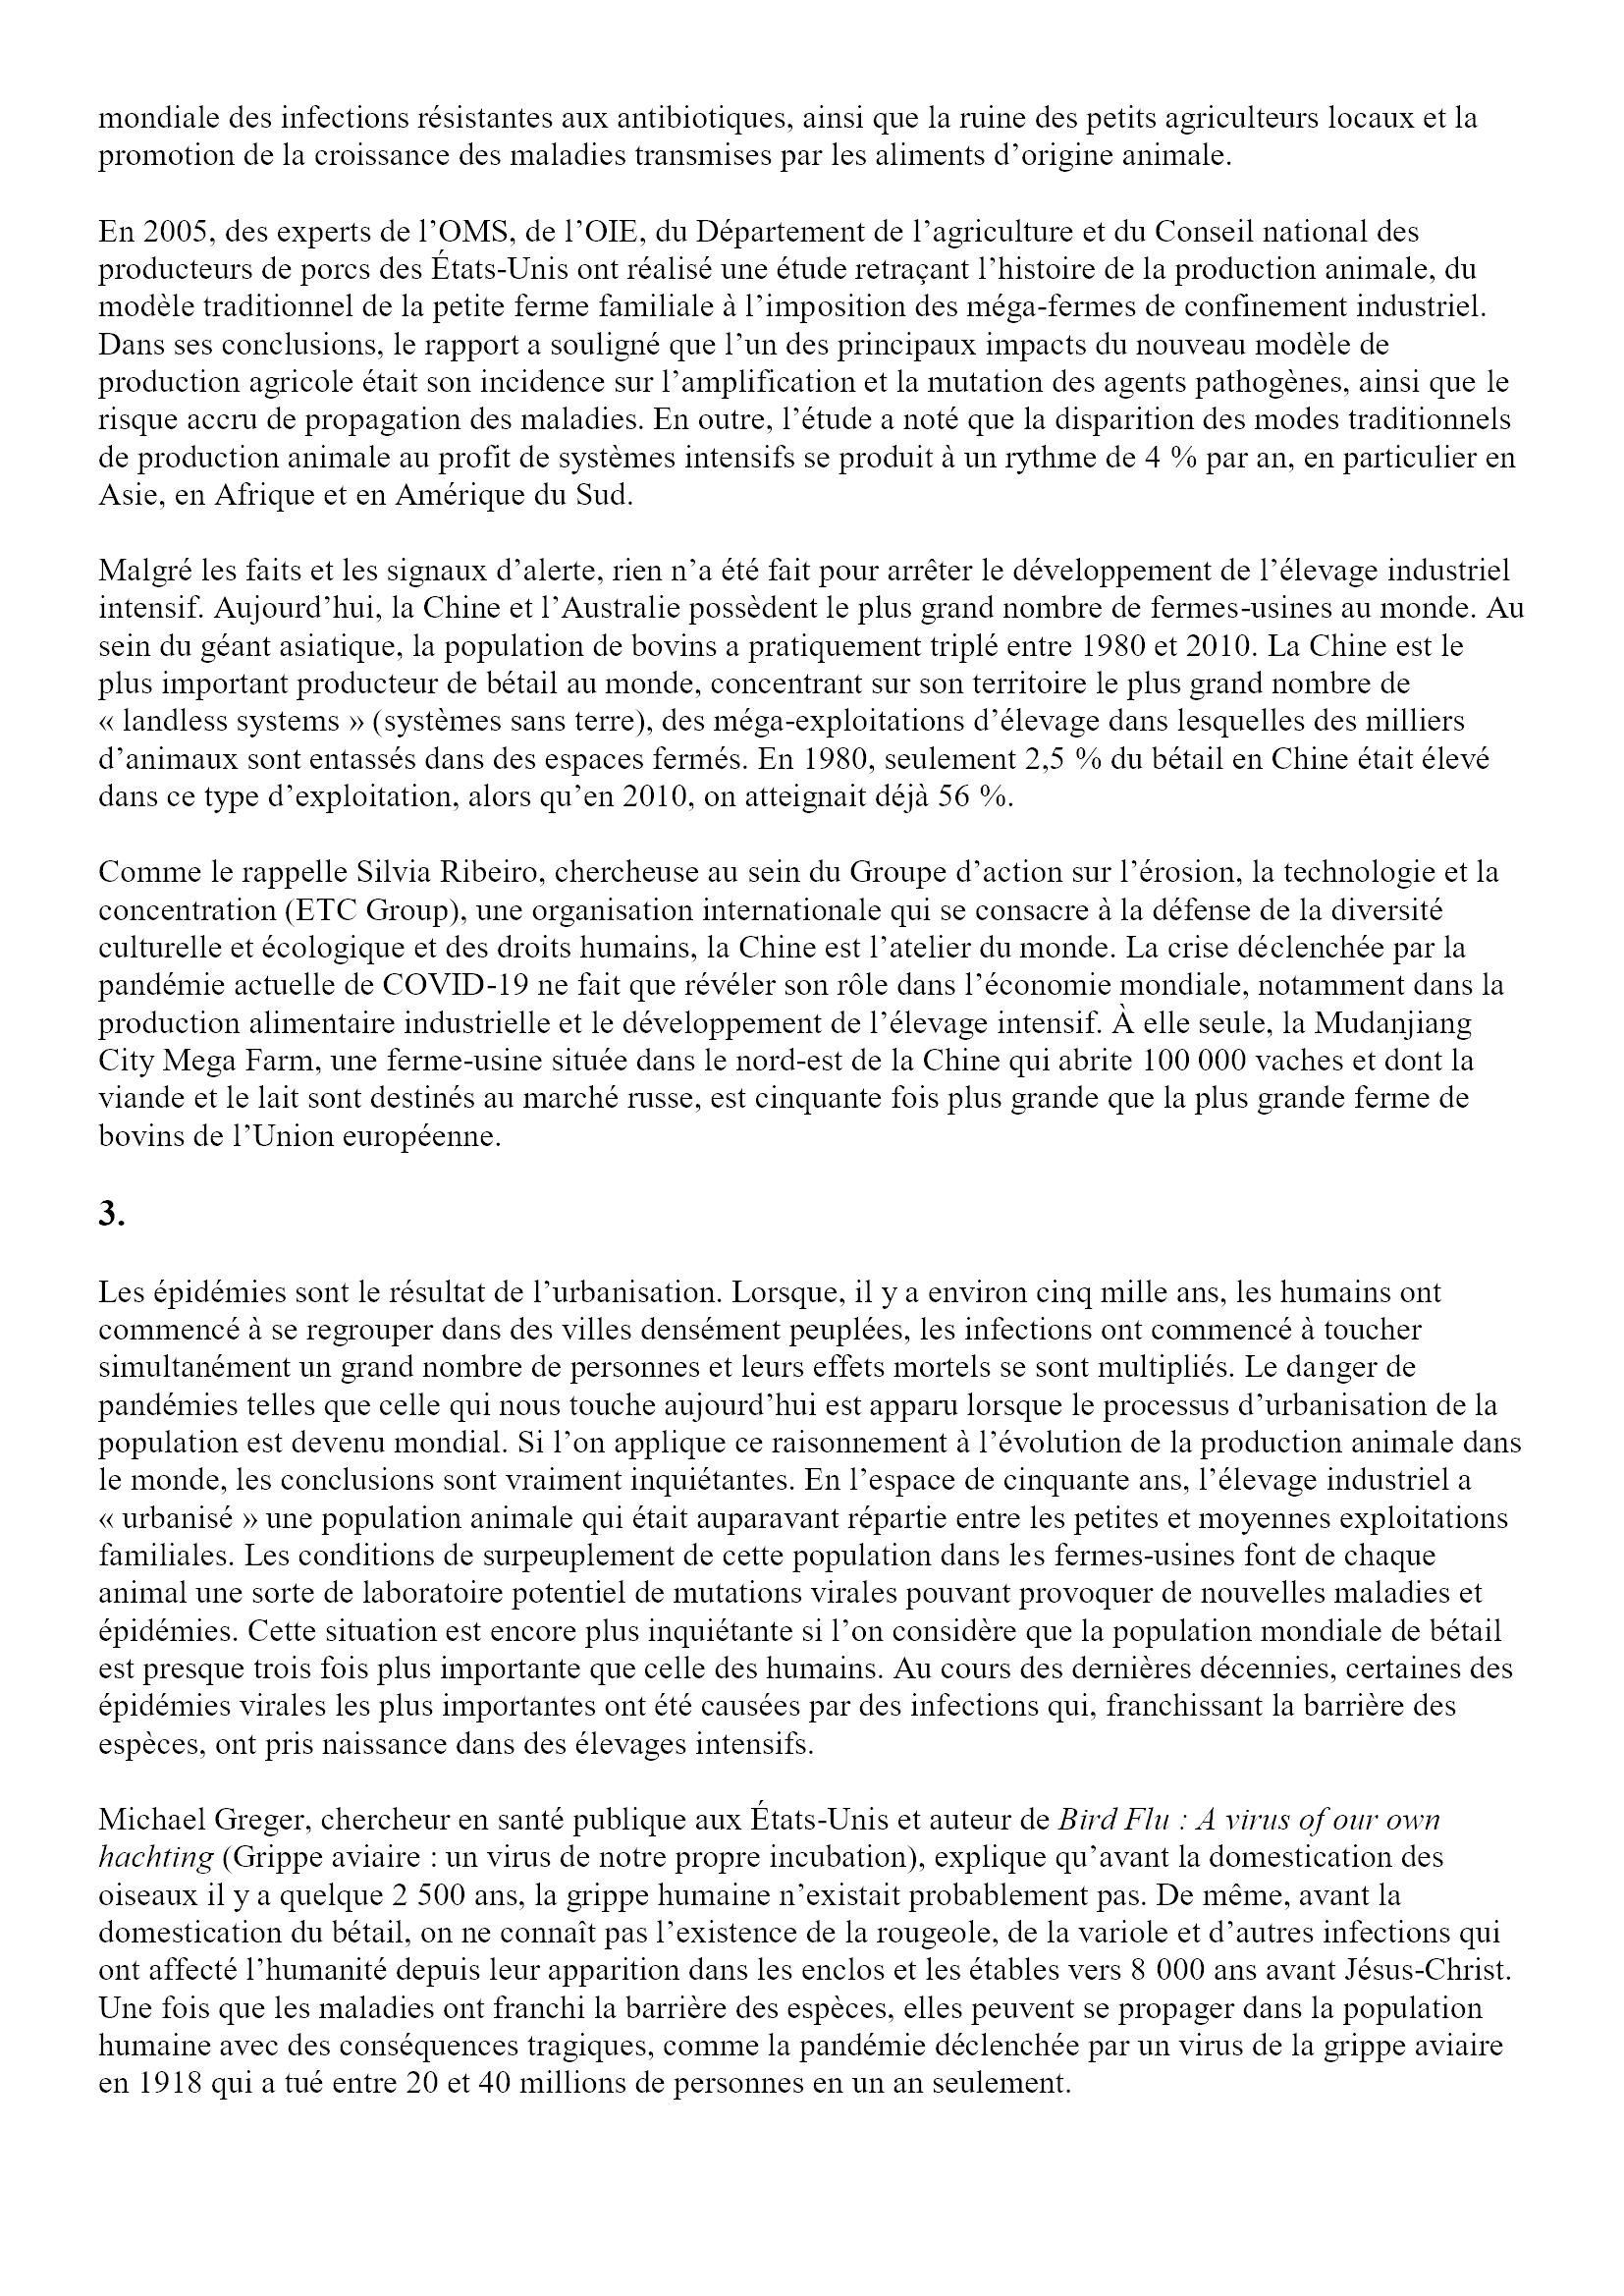 Causalité de la pandémie, caractéristiques de la catastrophe Angel Luis Lara 2x5